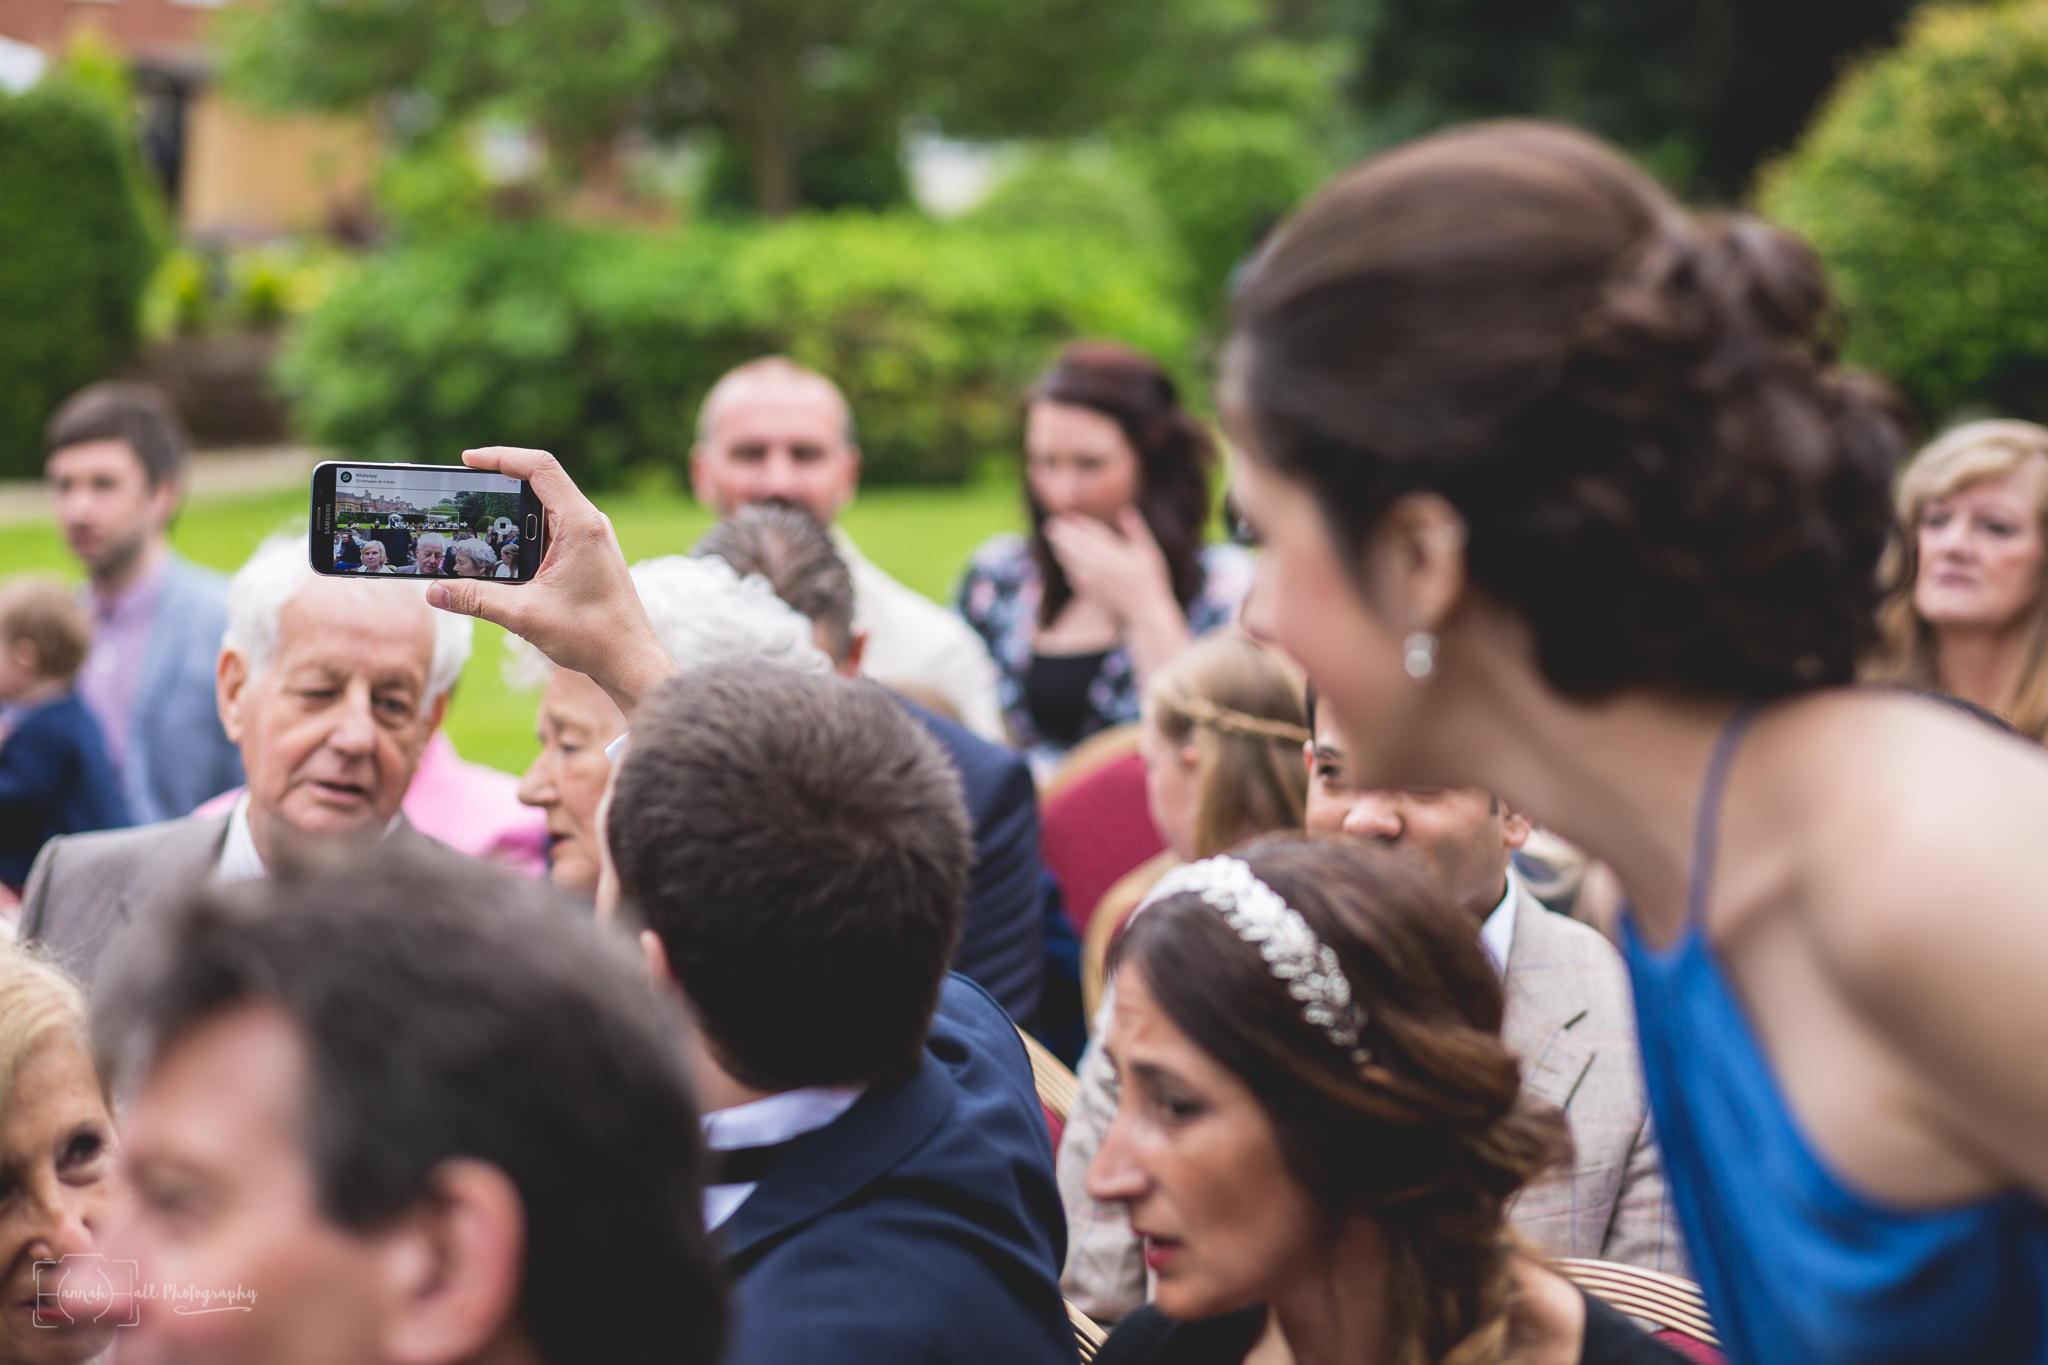 hhp-back-garden-wedding-22